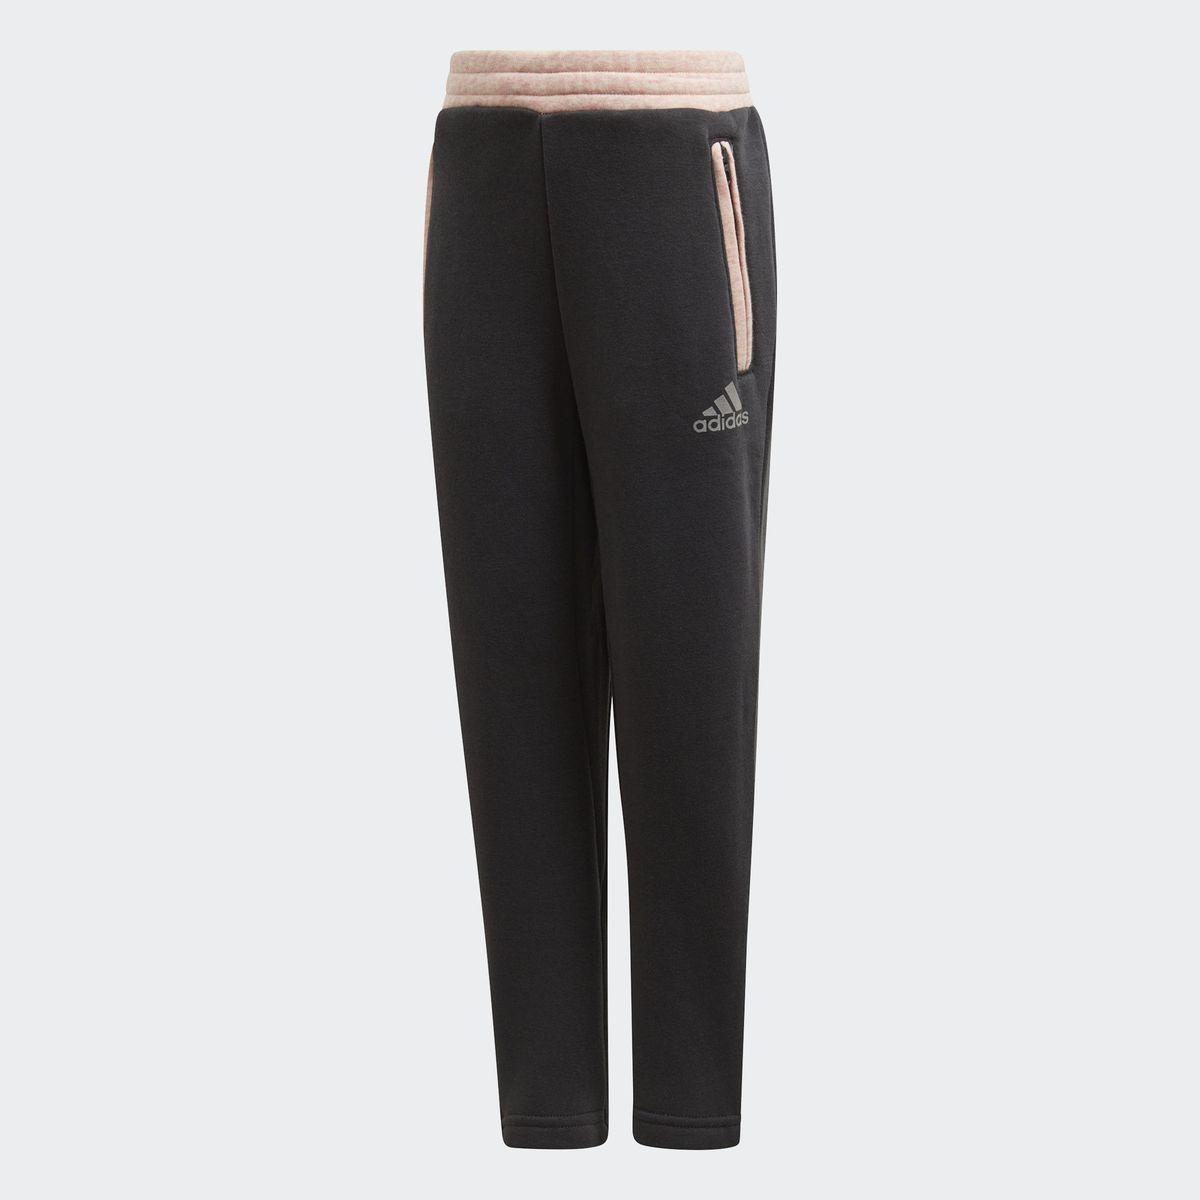 Брюки спортивные для девочки Adidas Lg Comfi Pant, цвет: черный. DJ1462. Размер 122DJ1462